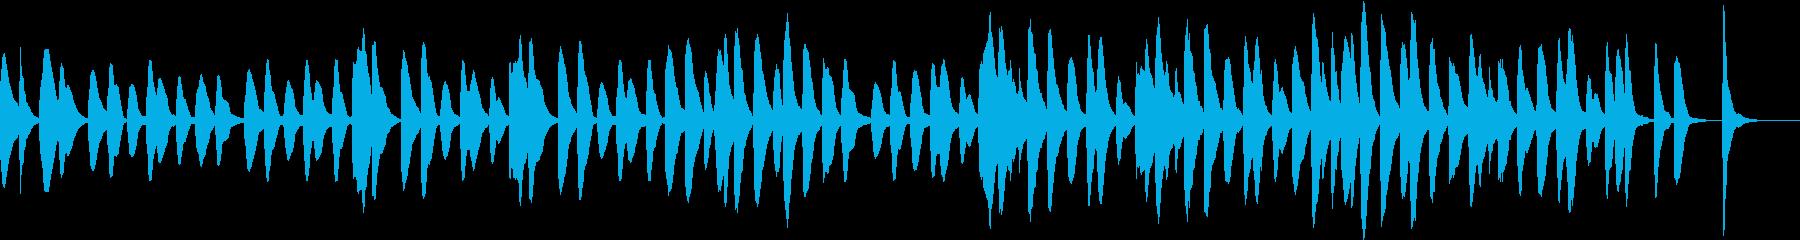 マリンバのコミカルでかわいいジングル1の再生済みの波形